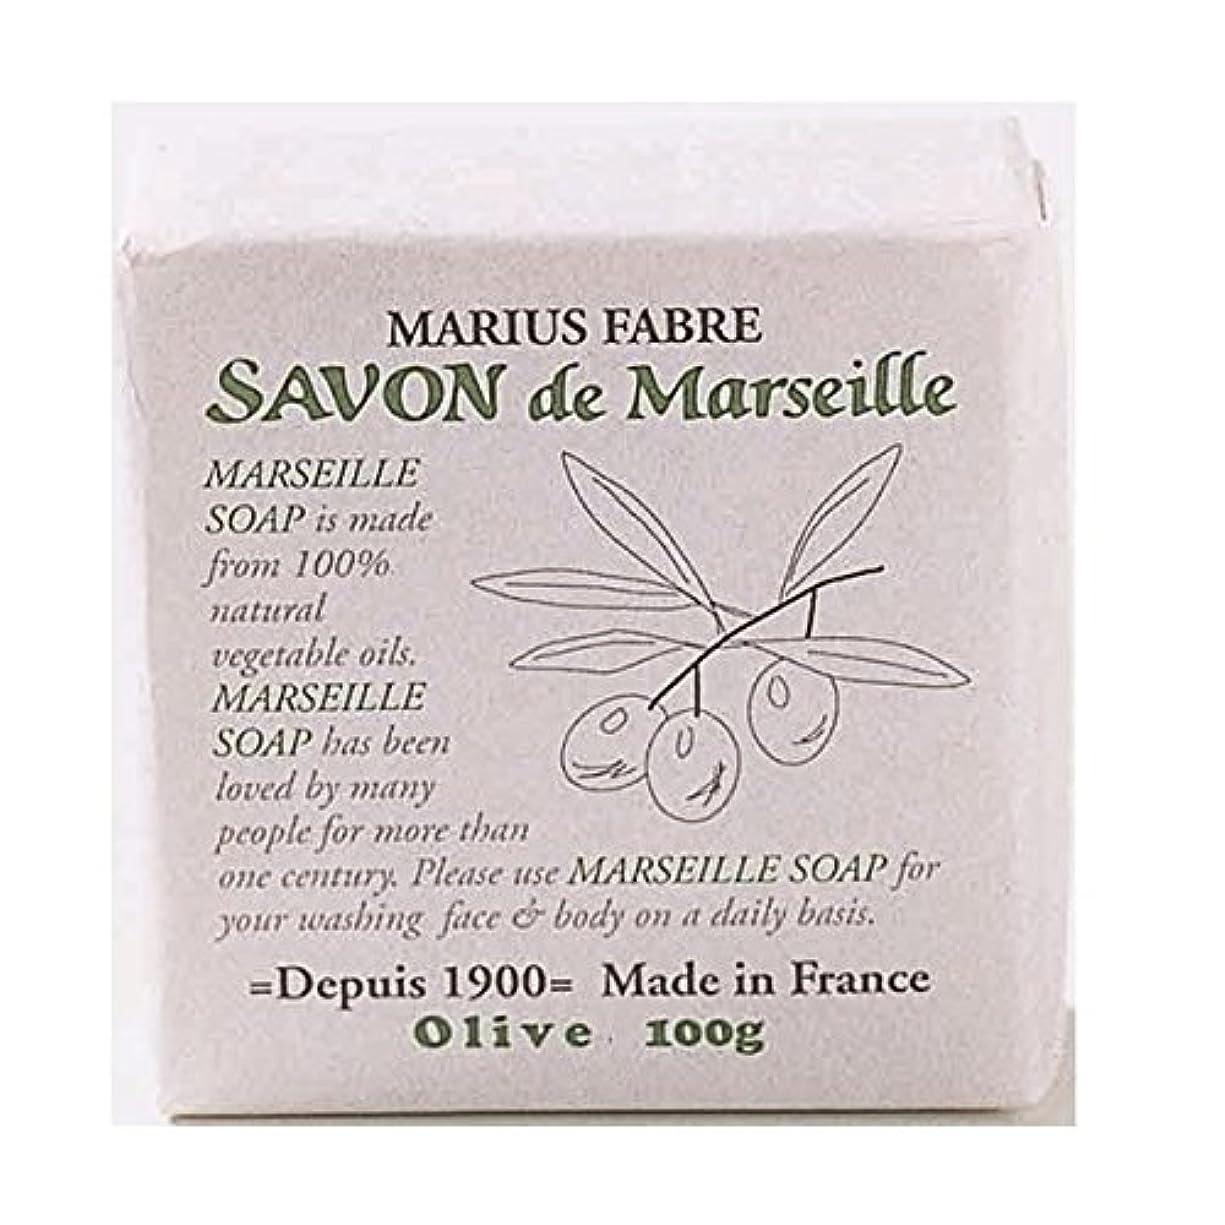 消毒剤知るコンピューターゲームをプレイするサボンドマルセイユ 無香料 オリーブ石鹸 100g 6個セット マリウスファーブル